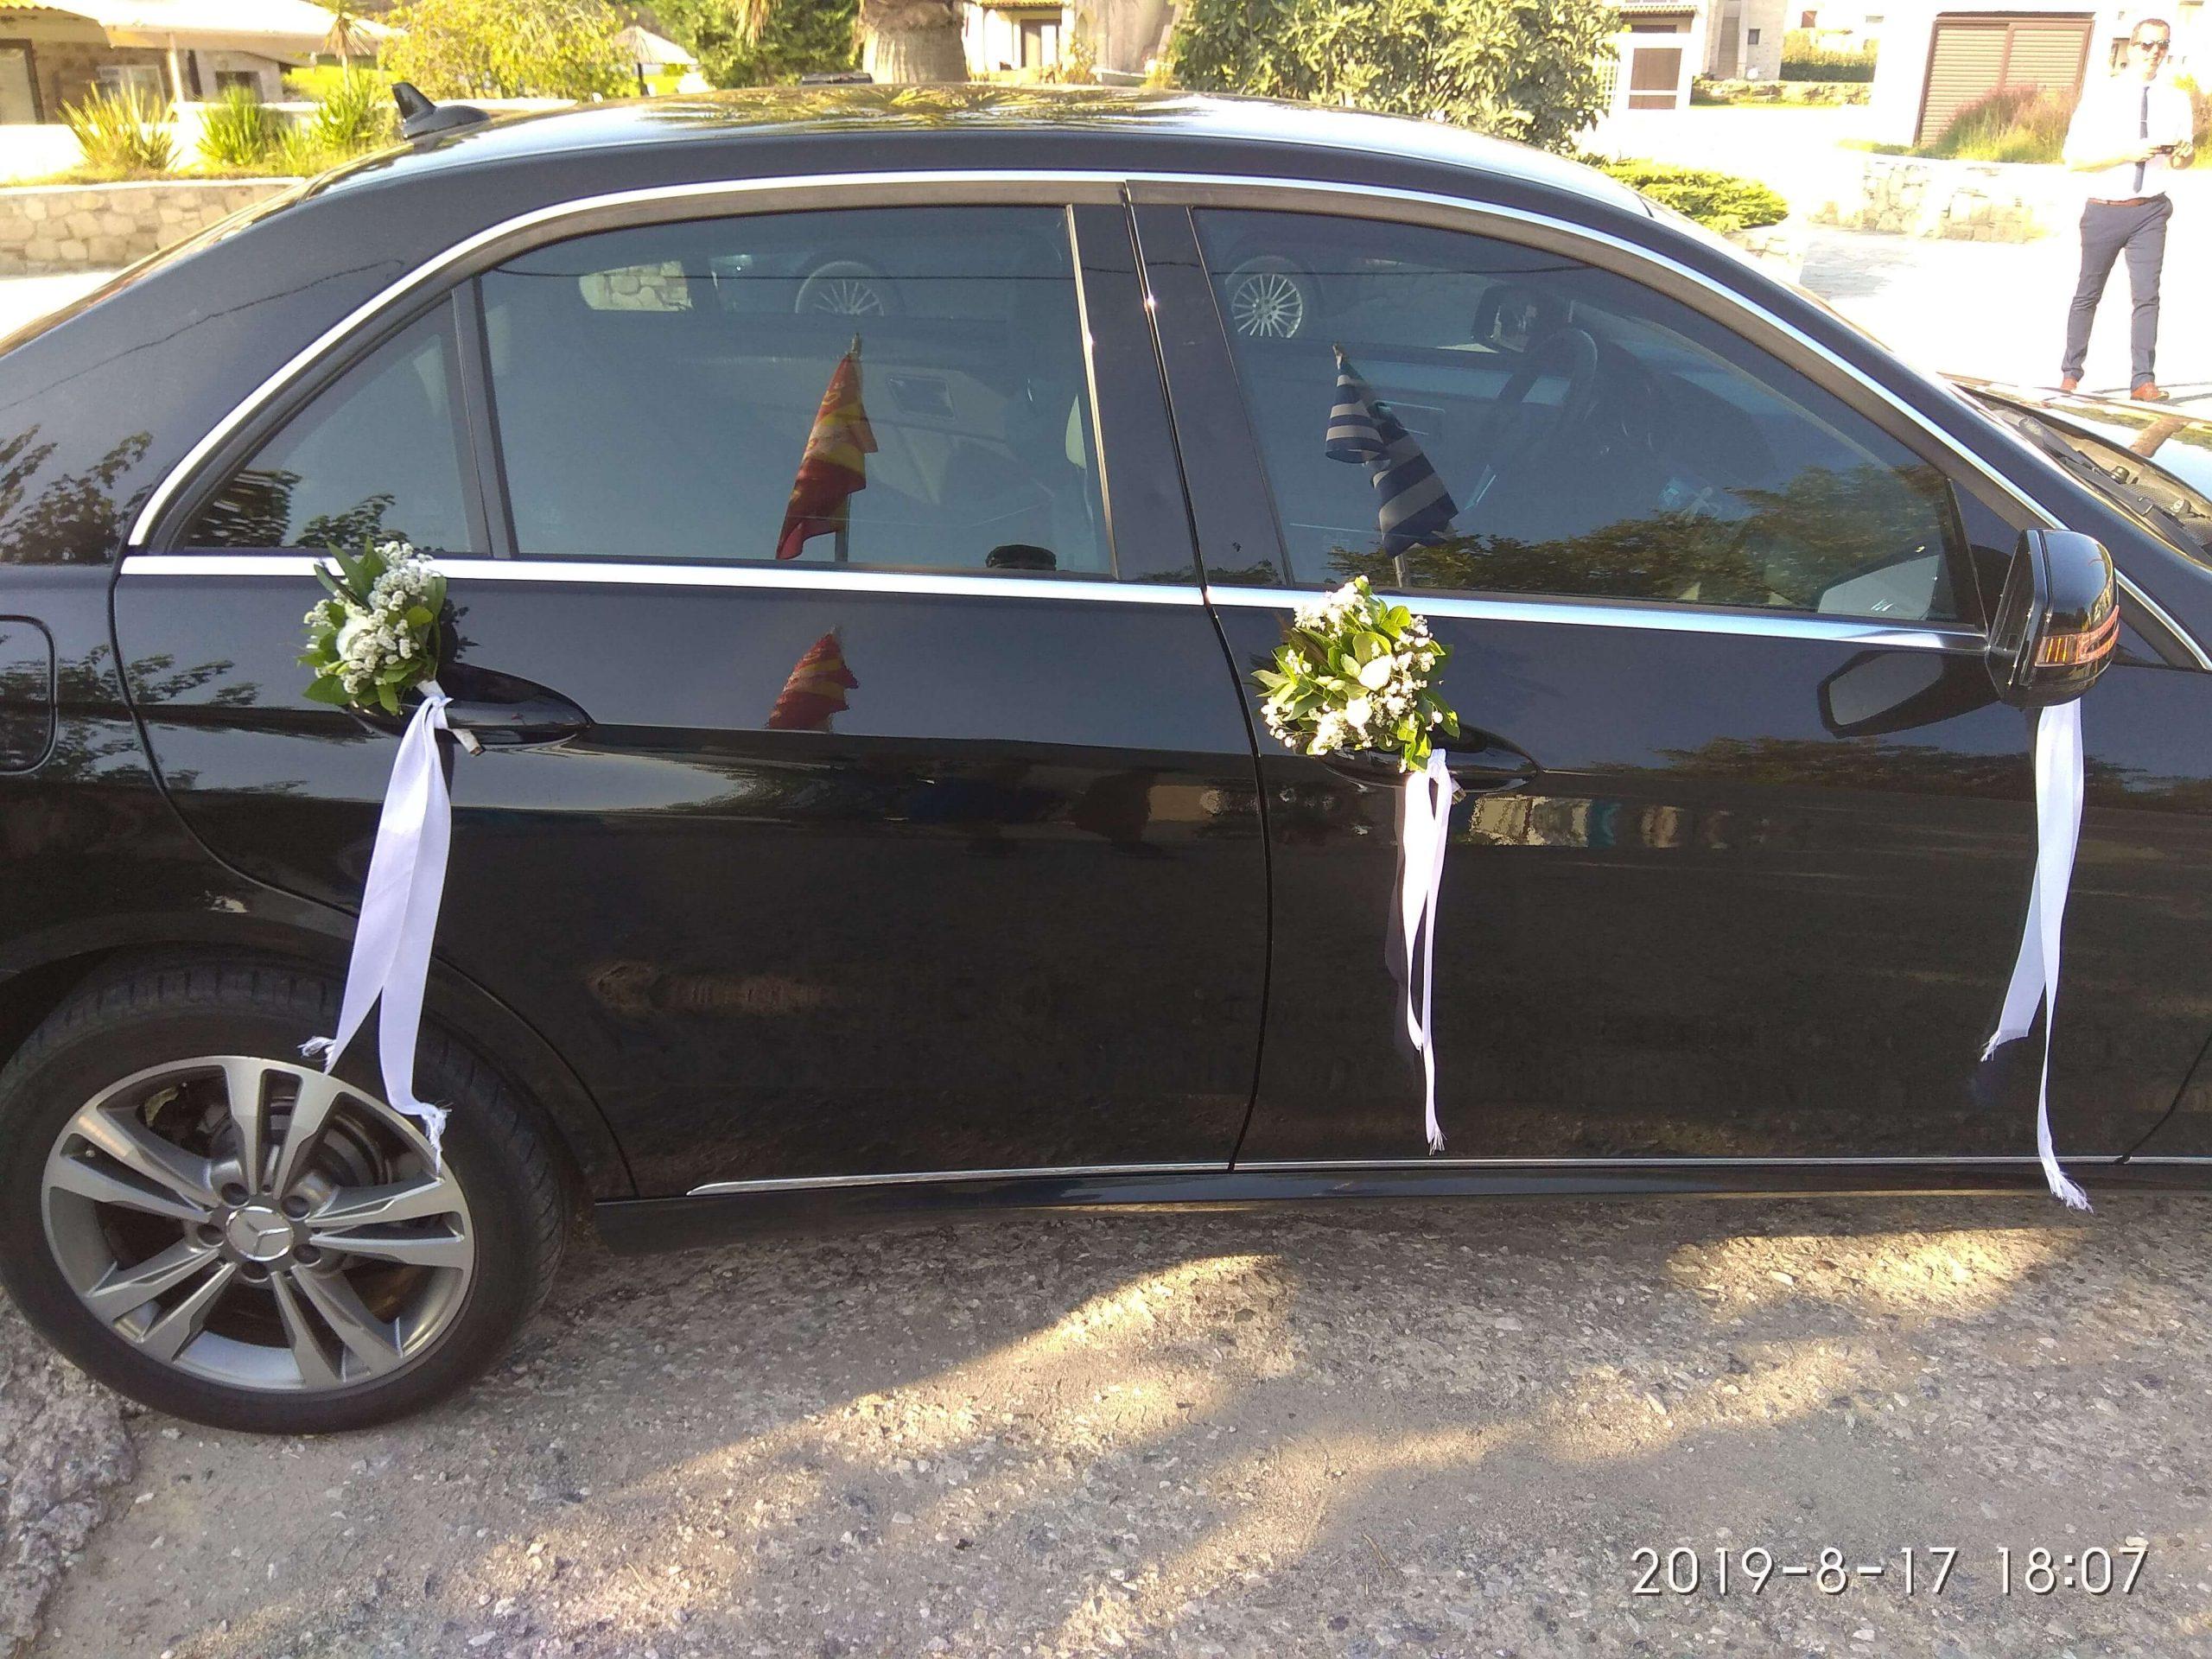 Διακόσμηση Γάμου Θεσσαλονίκη Θεσσαλονίκη | Online ανθοπωλείο ανθοδημιουργίες Τούμπα Θεσσαλονίκης